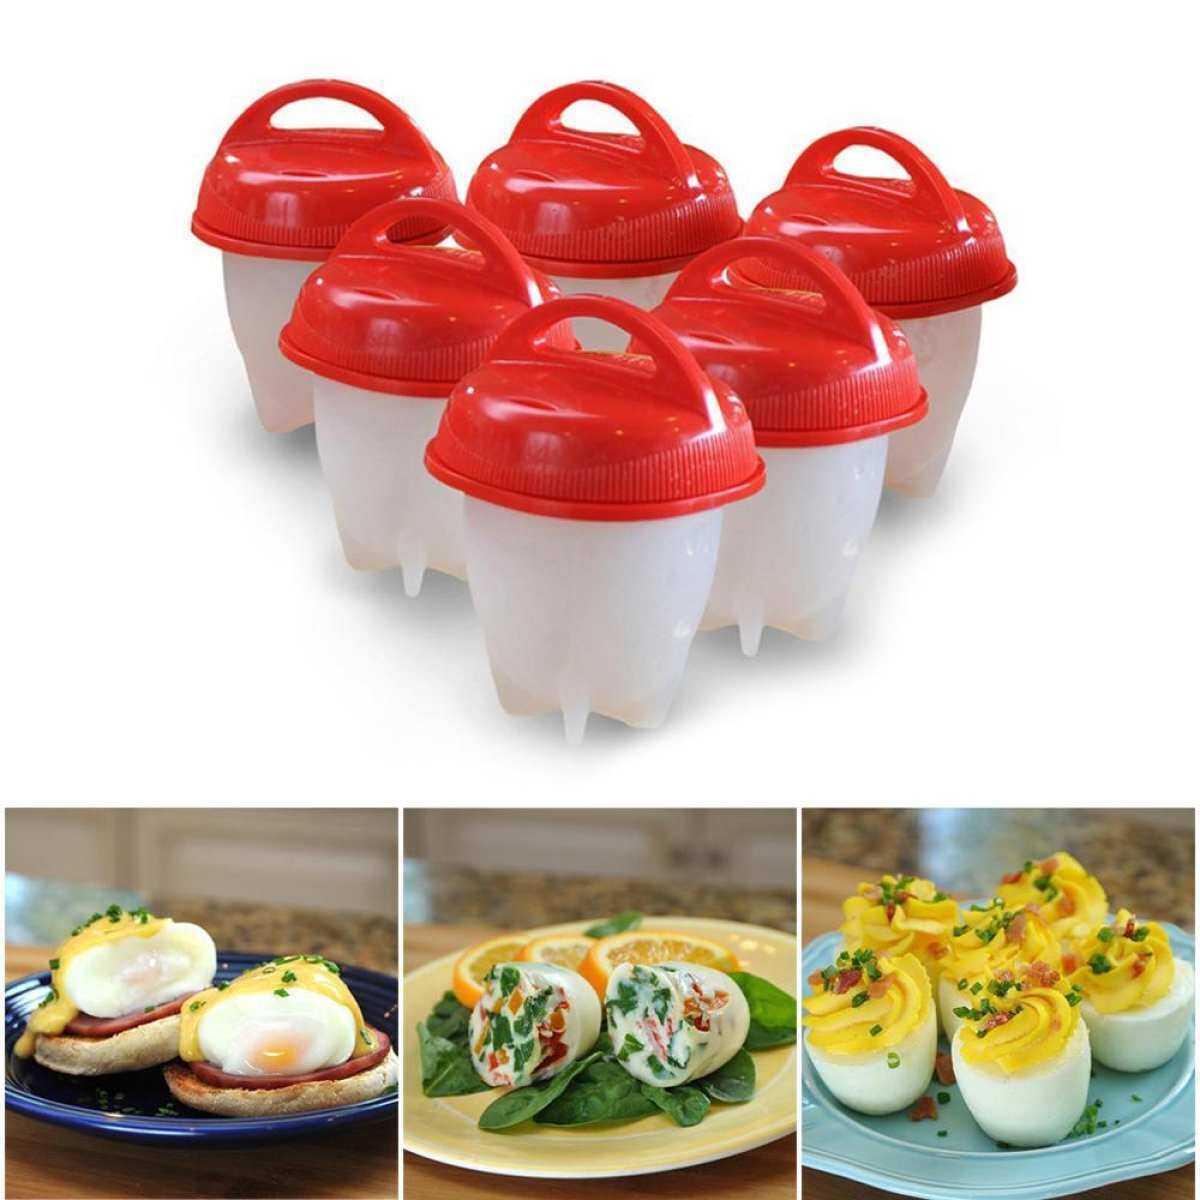 Rp 364.485. Leegoal Alat Masak Telur Keras Lembut Pembuat Alat Masak Telur Memasak Keras Merebus Telur Tanpa Steamer Silikon ...